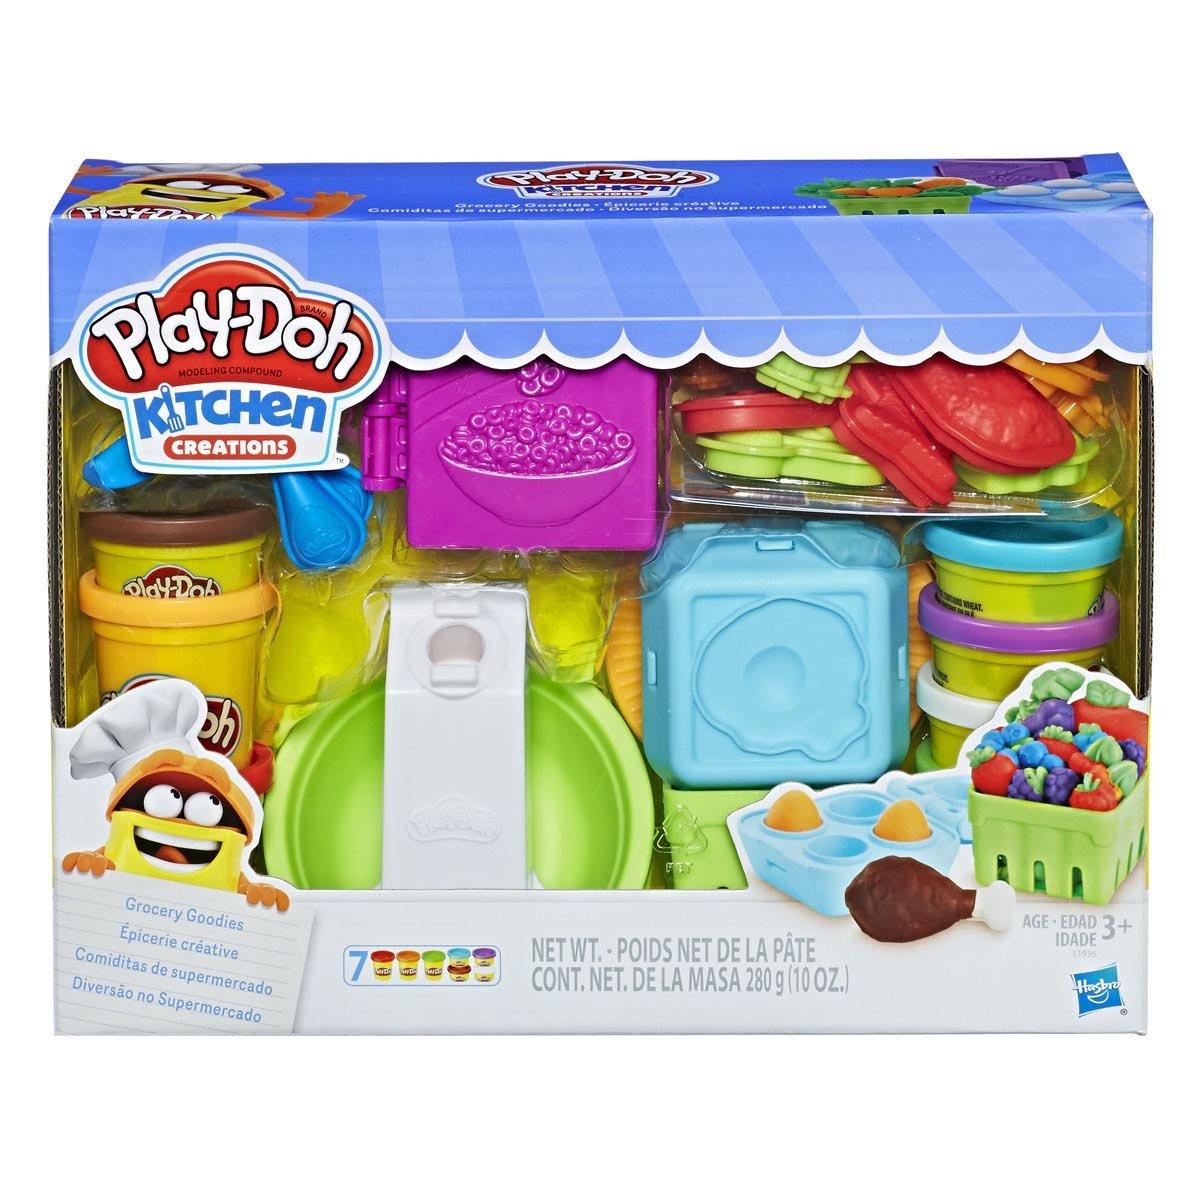 Play doh comiditas de supermercado sears com mx me - Cocina play doh ...